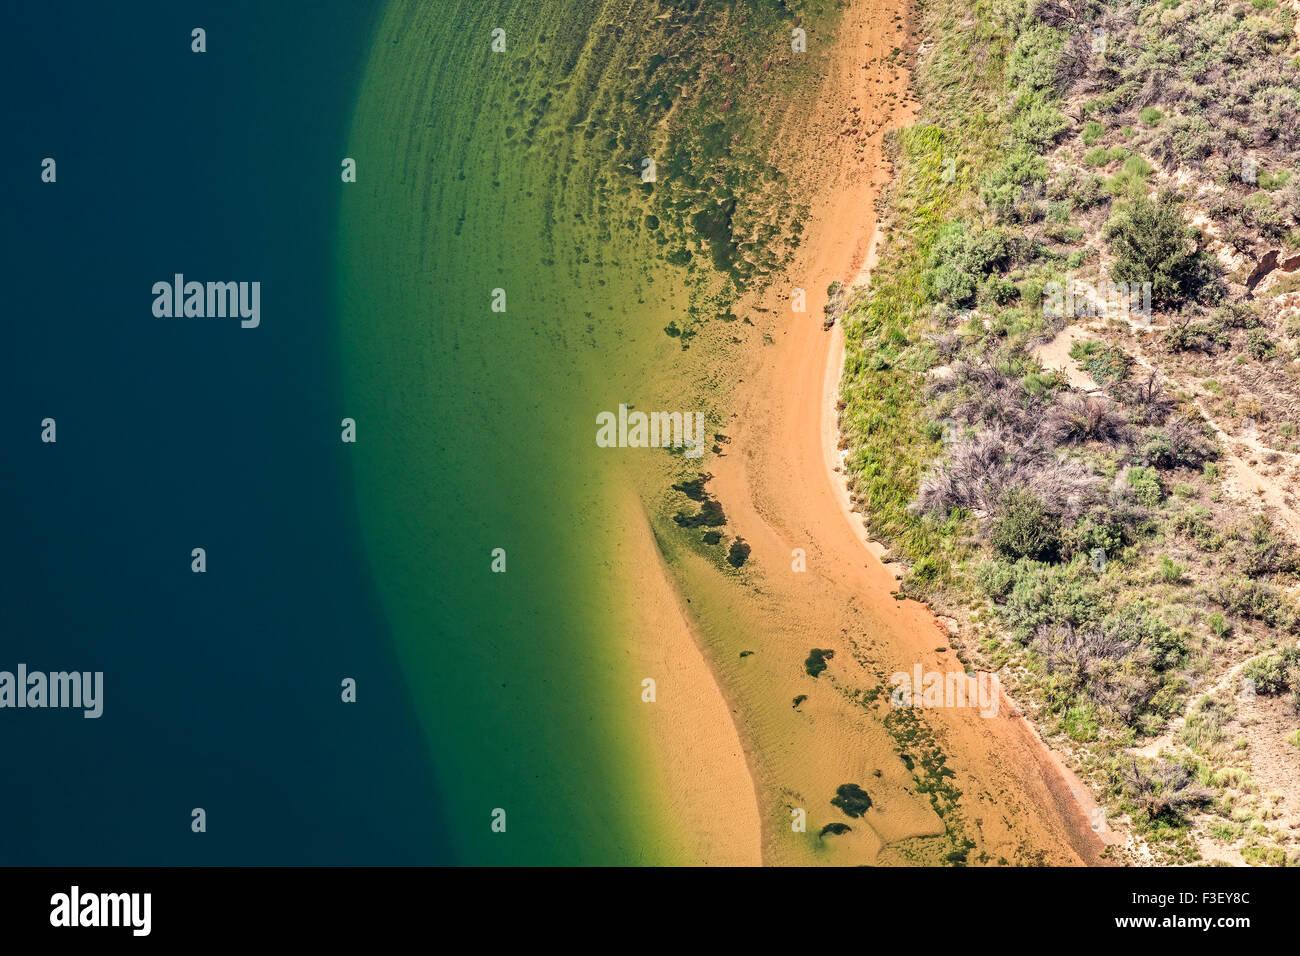 Luftaufnahme des Colorado River, abstrakte natürlichen Hintergrund, Horseshoe Bend in Arizona, USA. Stockbild